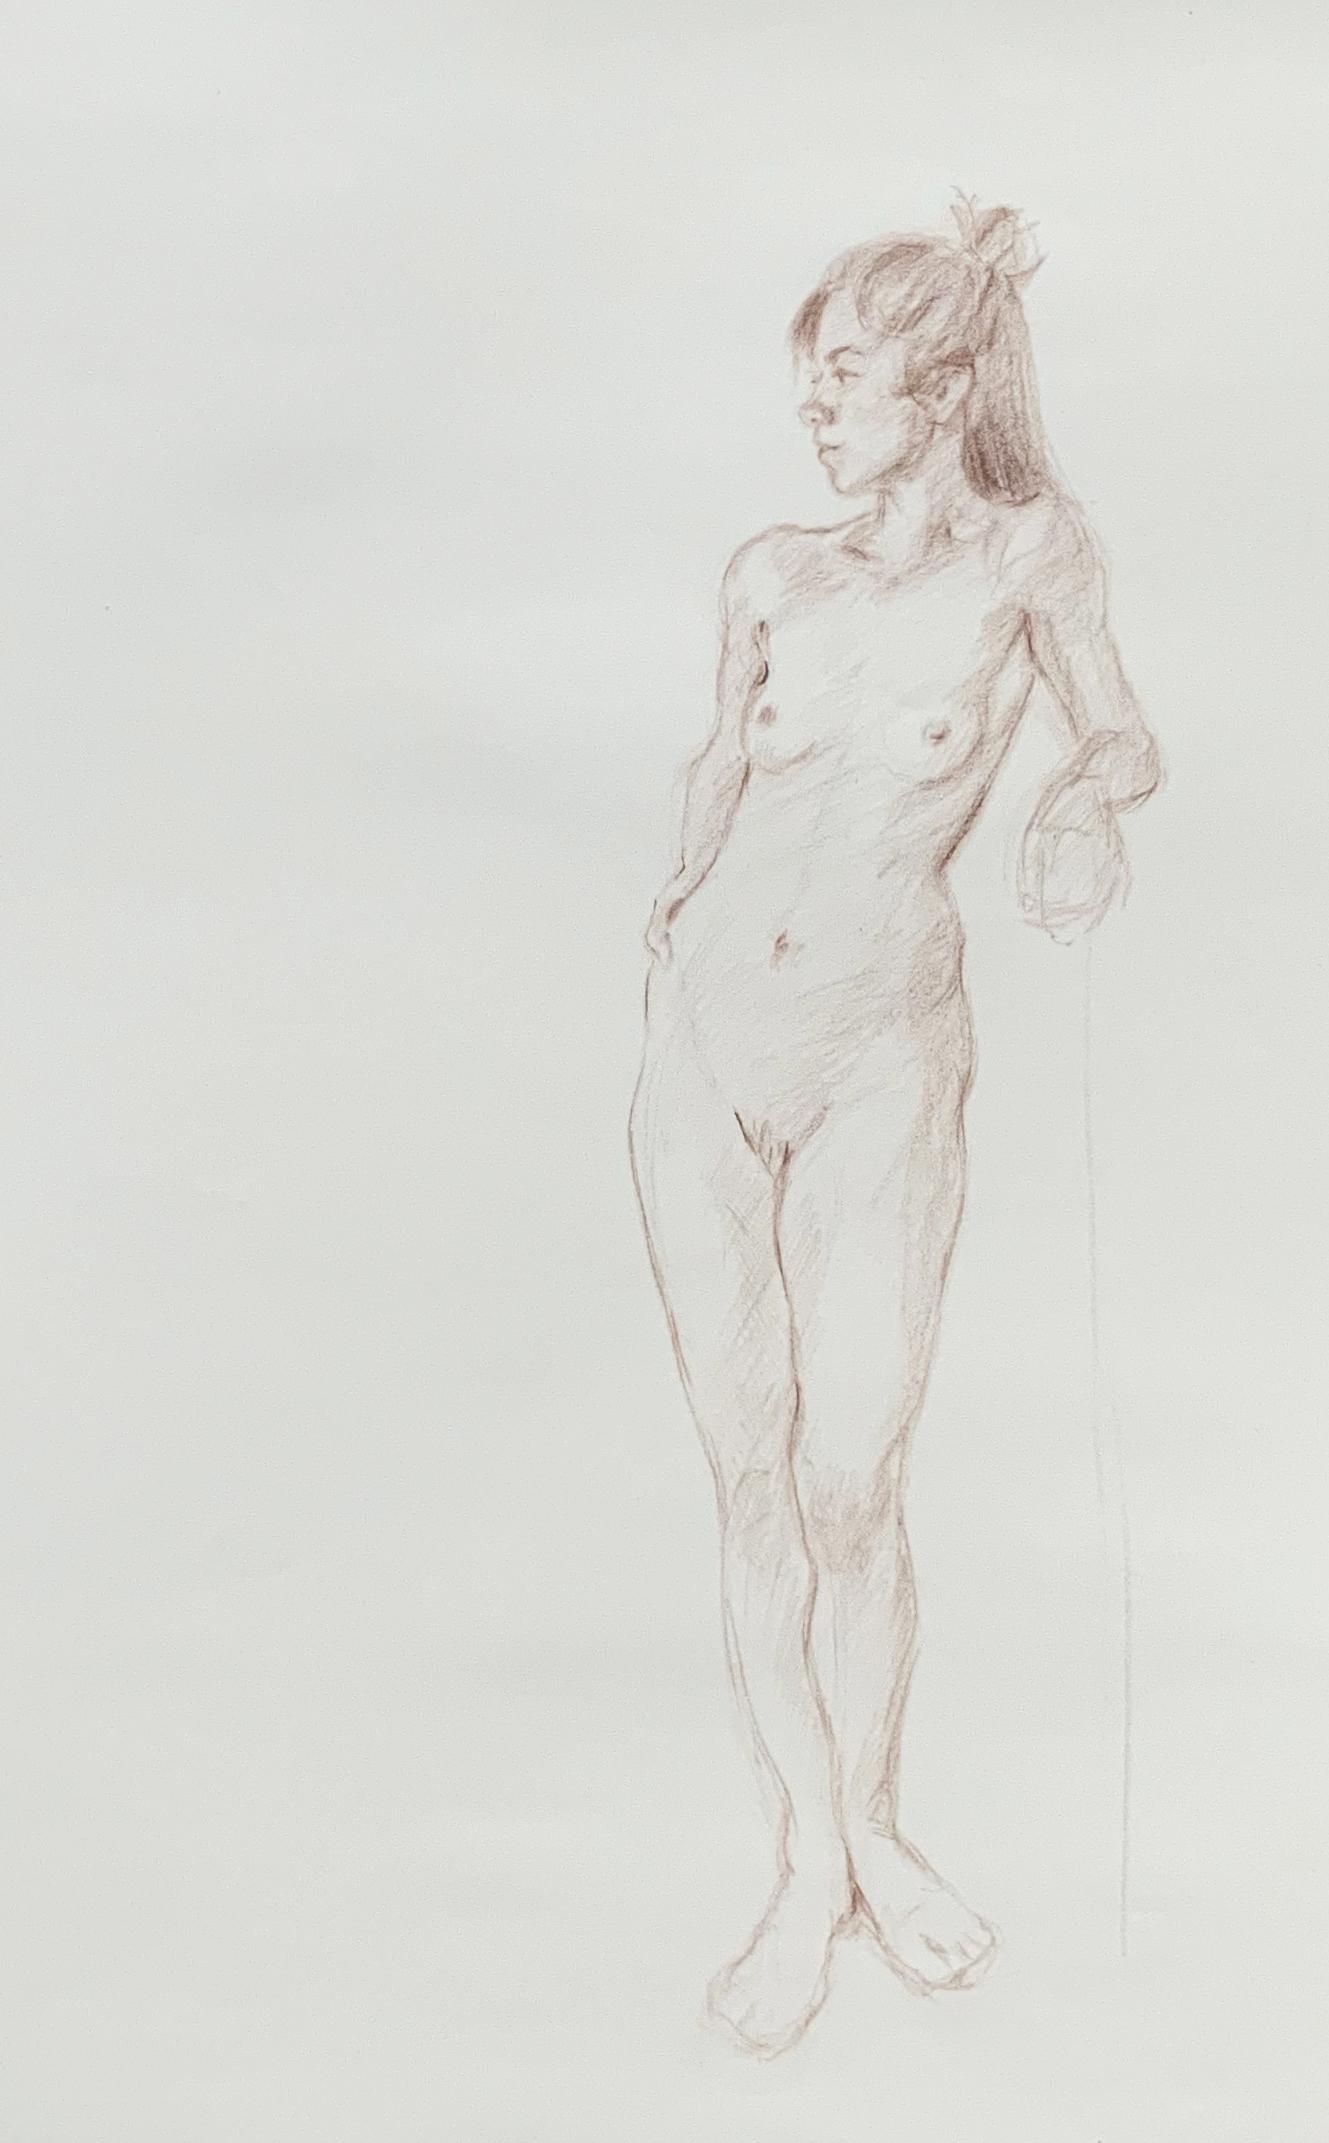 Schetsen van een vrouw, potlood op papier.